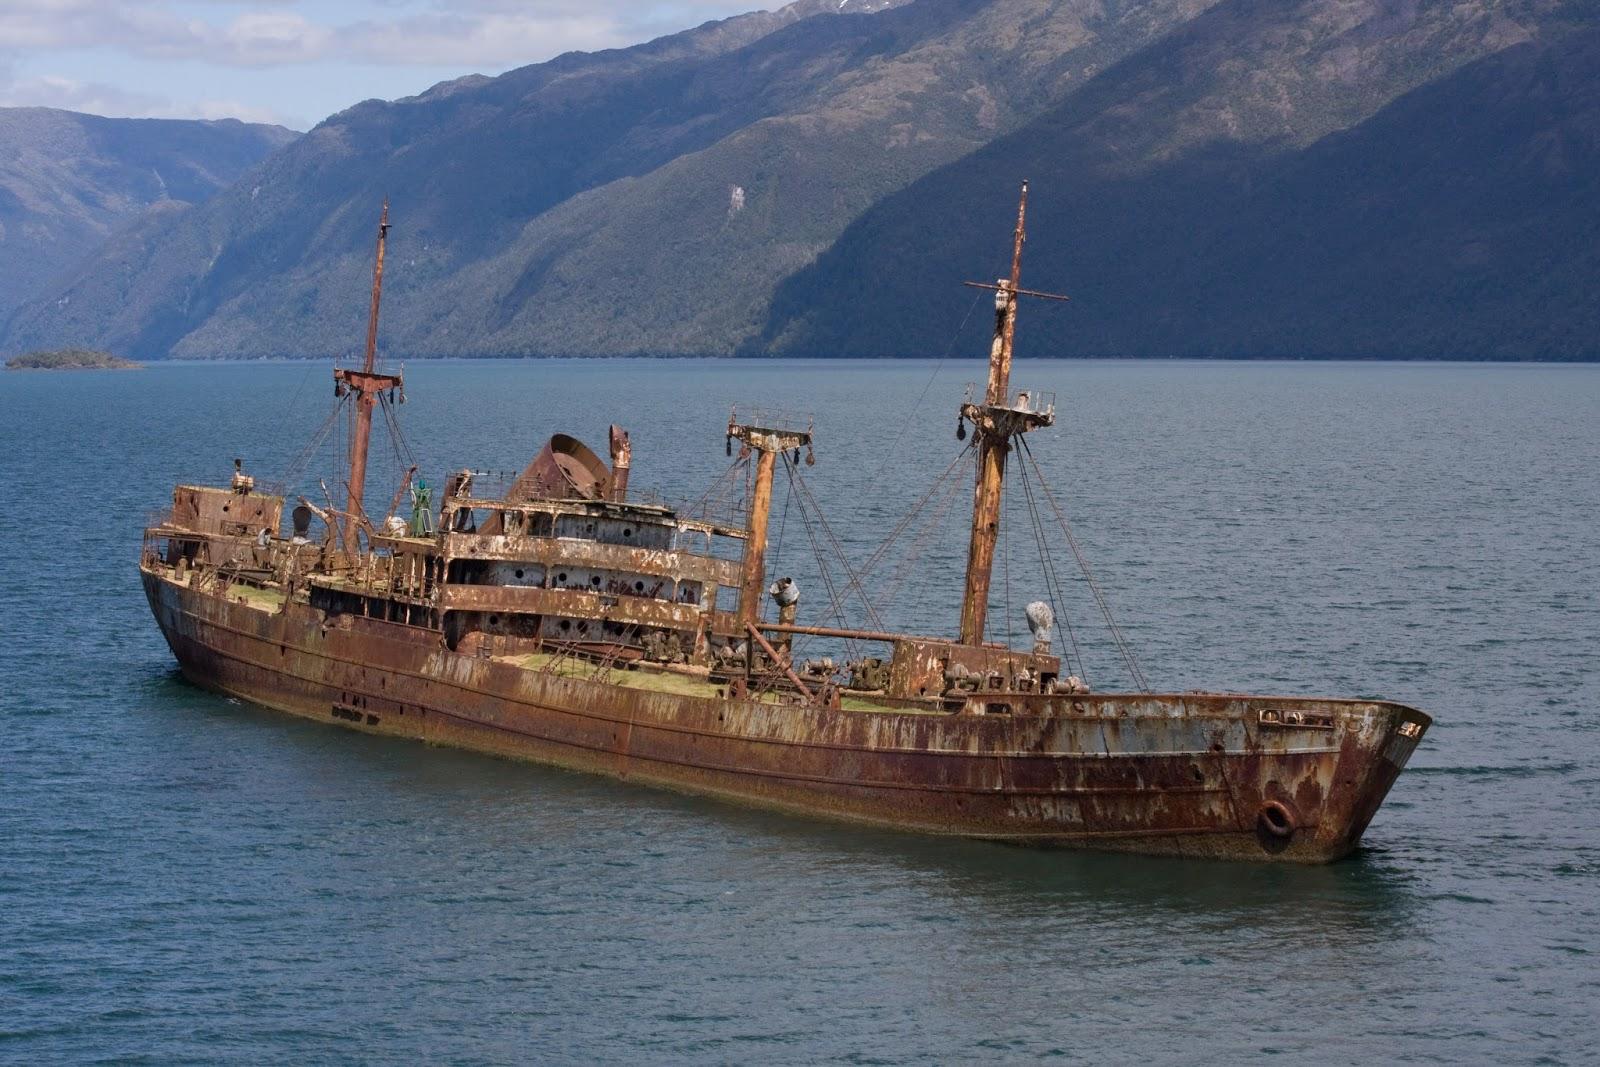 πλοίο που χάθηκε πριν 90 χρόνια και εμφανίστηκε  στο Τρίγωνο των Βερμούδων!